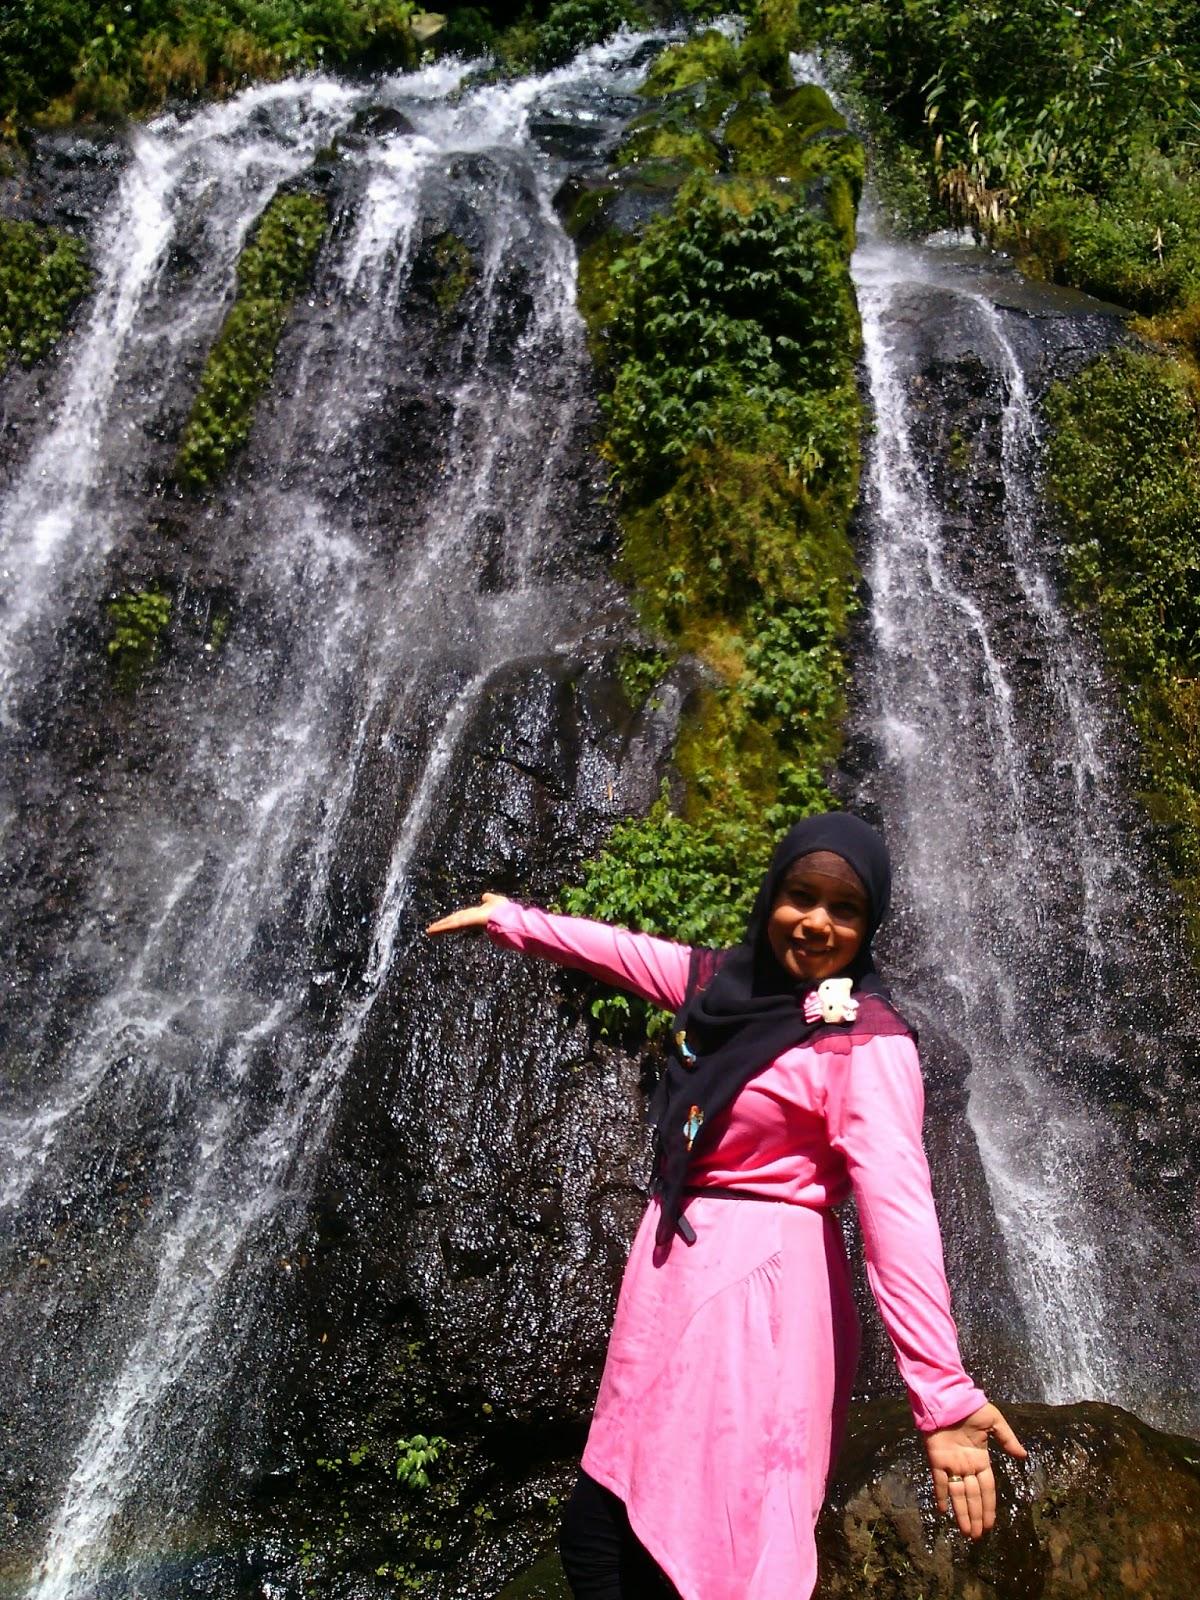 Wisata Ngawi Air Terjun Pengantin Tempat Wisata Indonesia